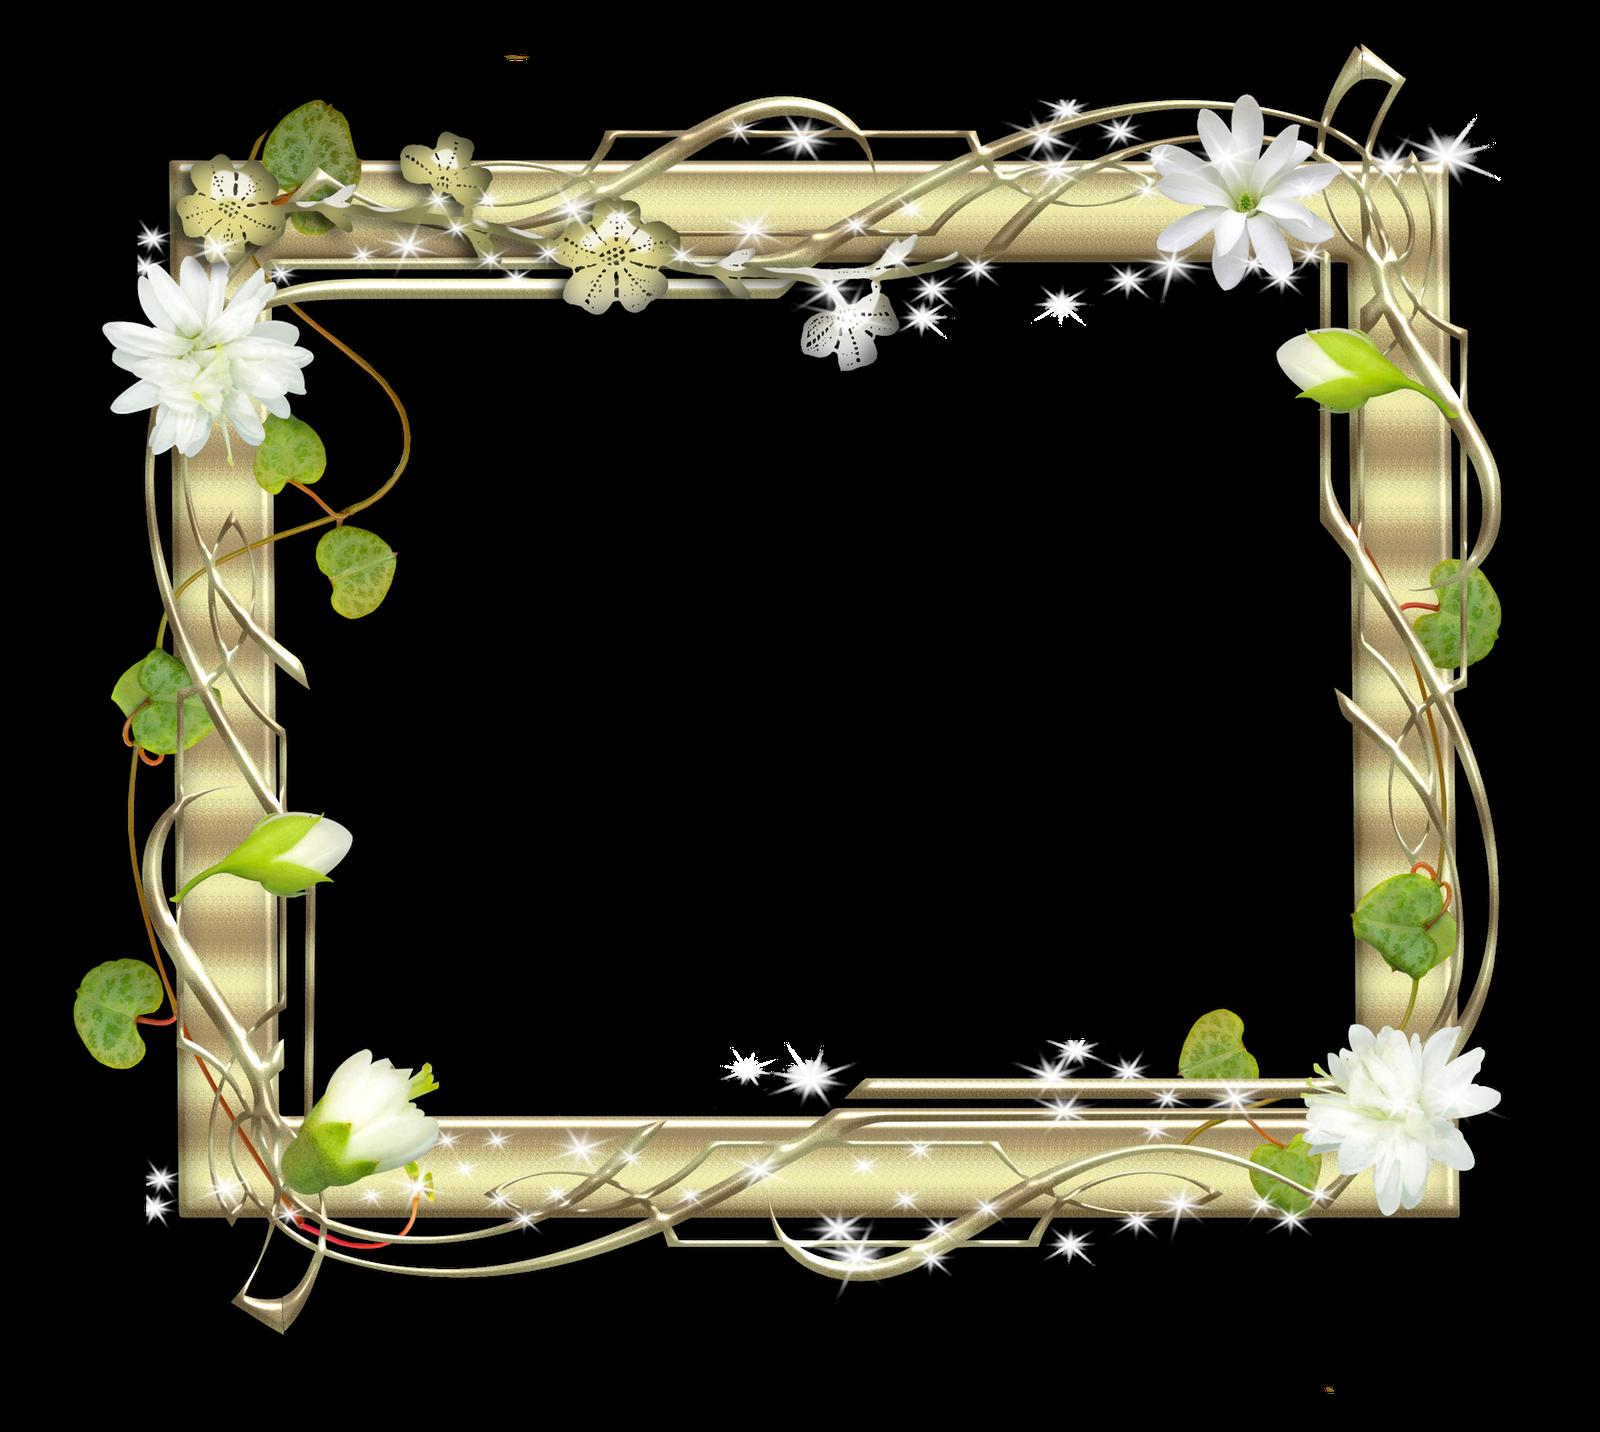 Marco Brillante con Luces y Flores | Descargar Marcos